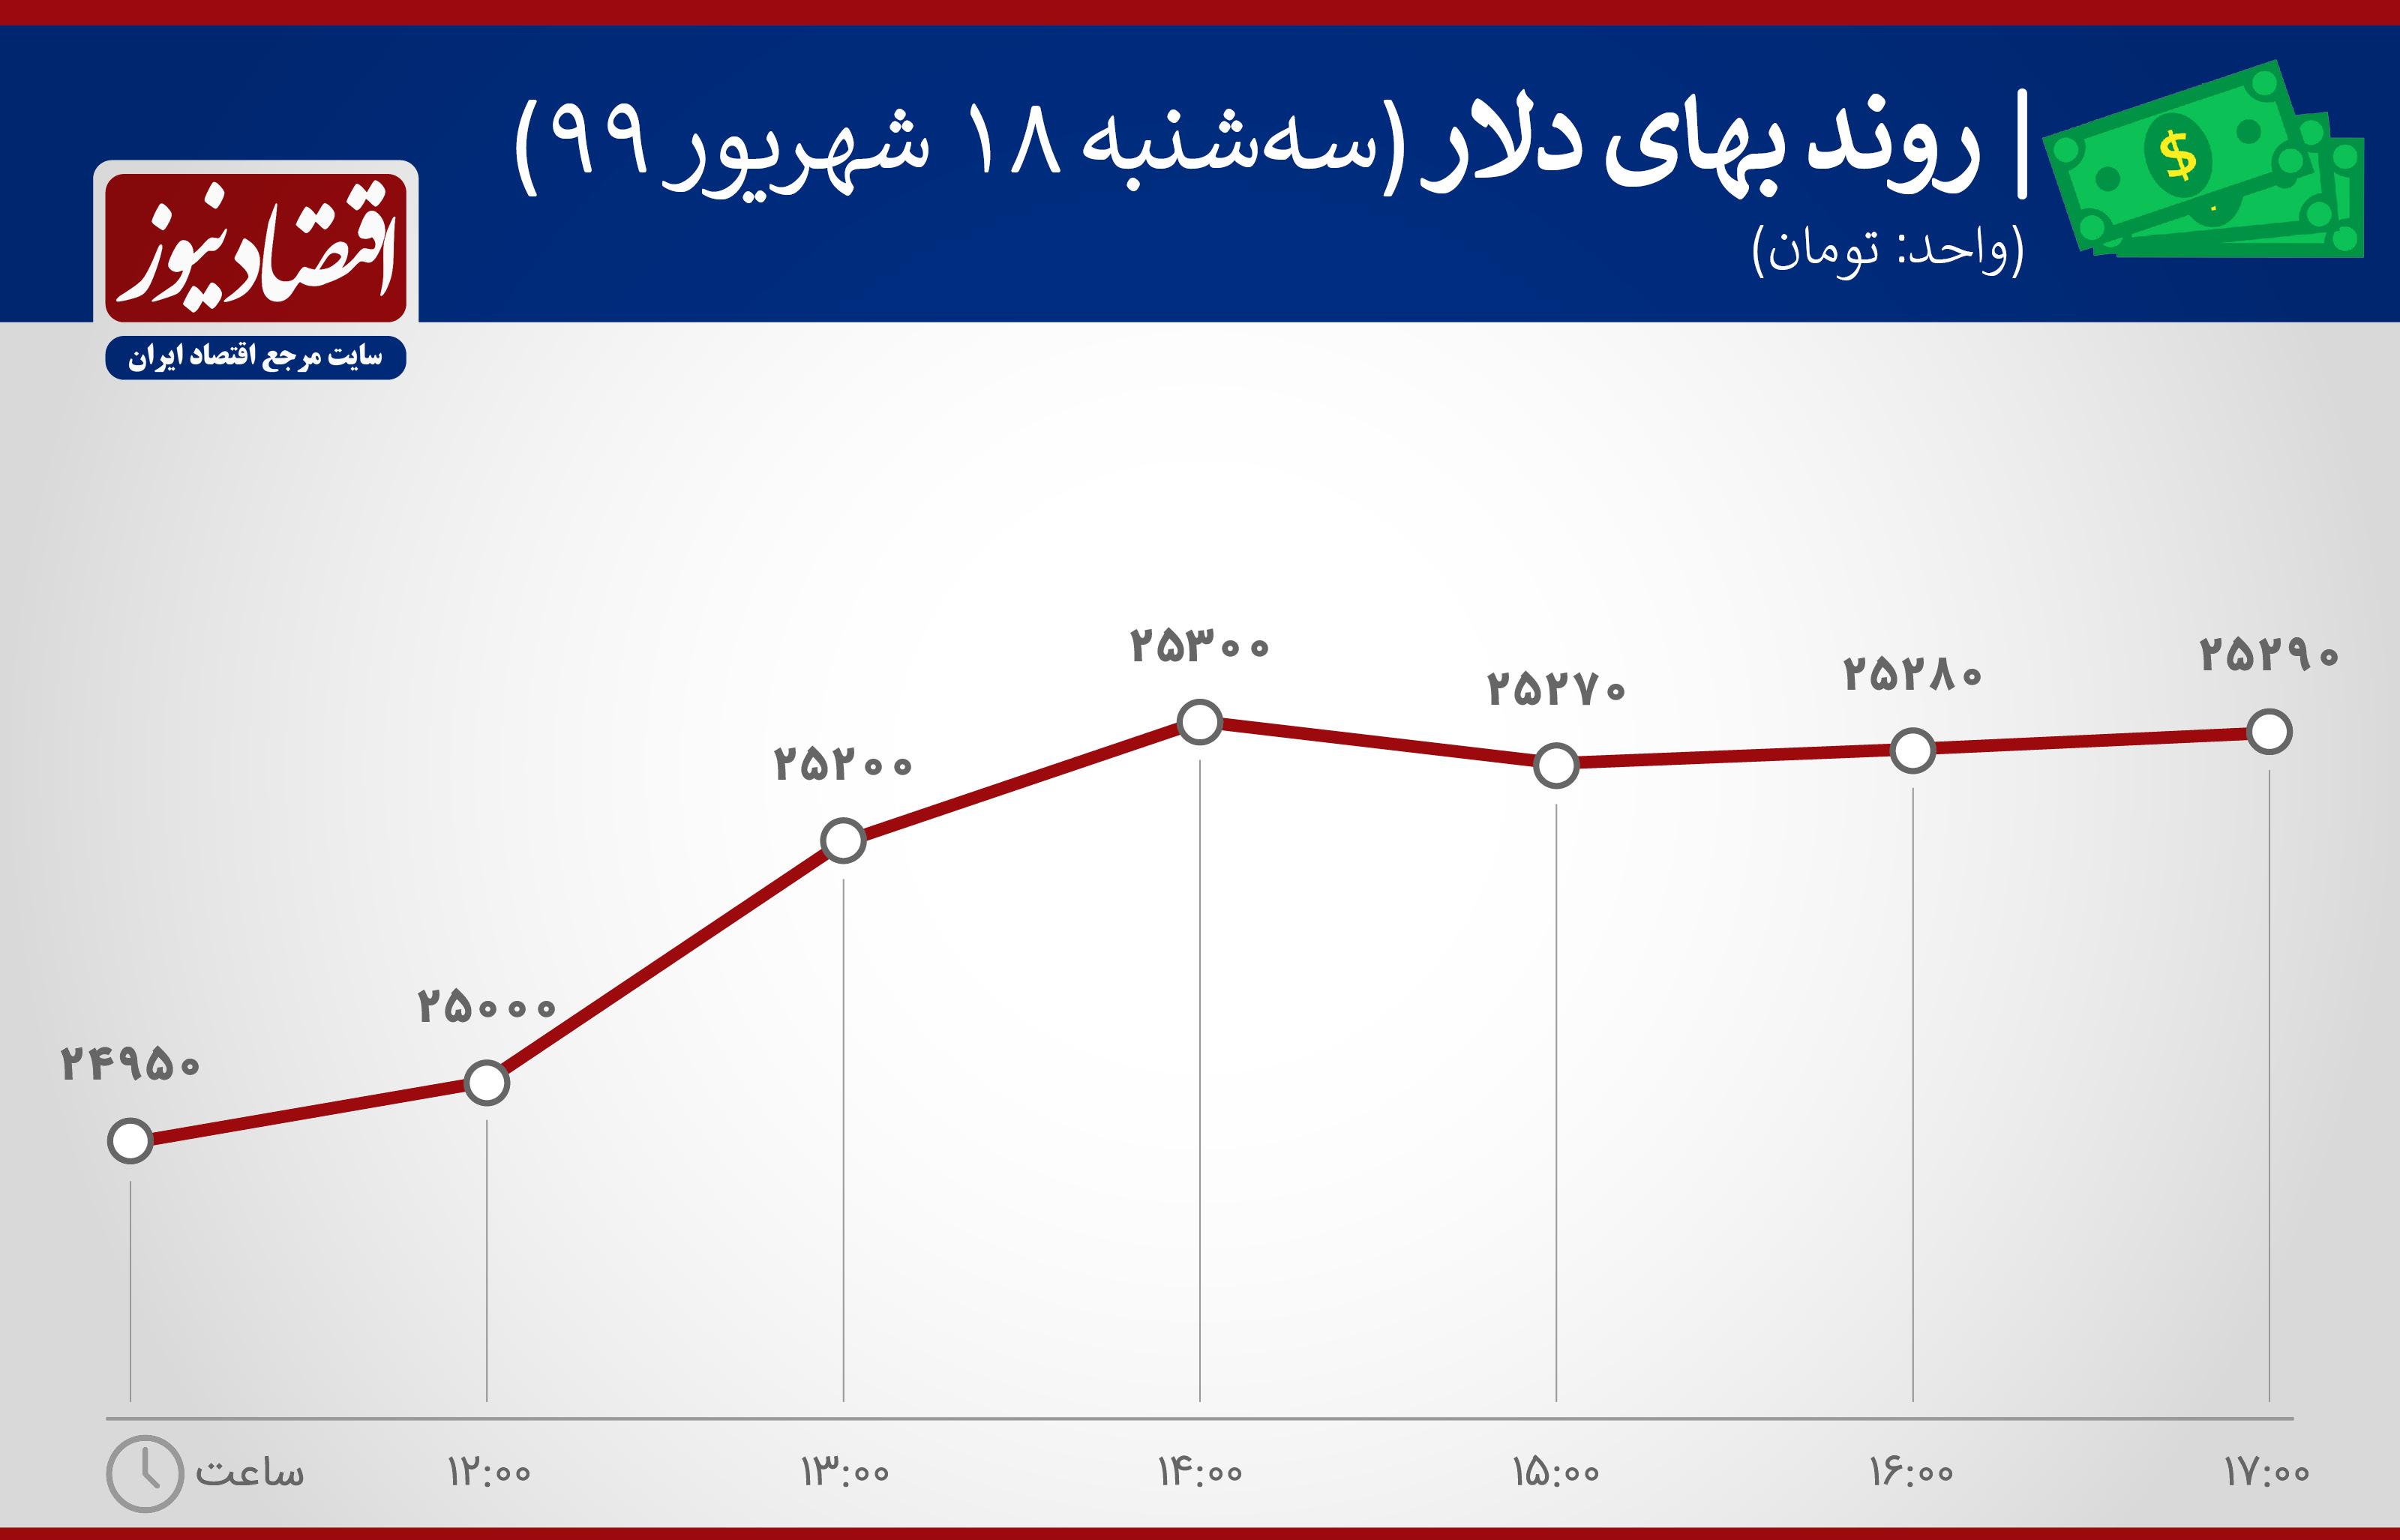 نمودار روند ارزش دلار18 شهریور